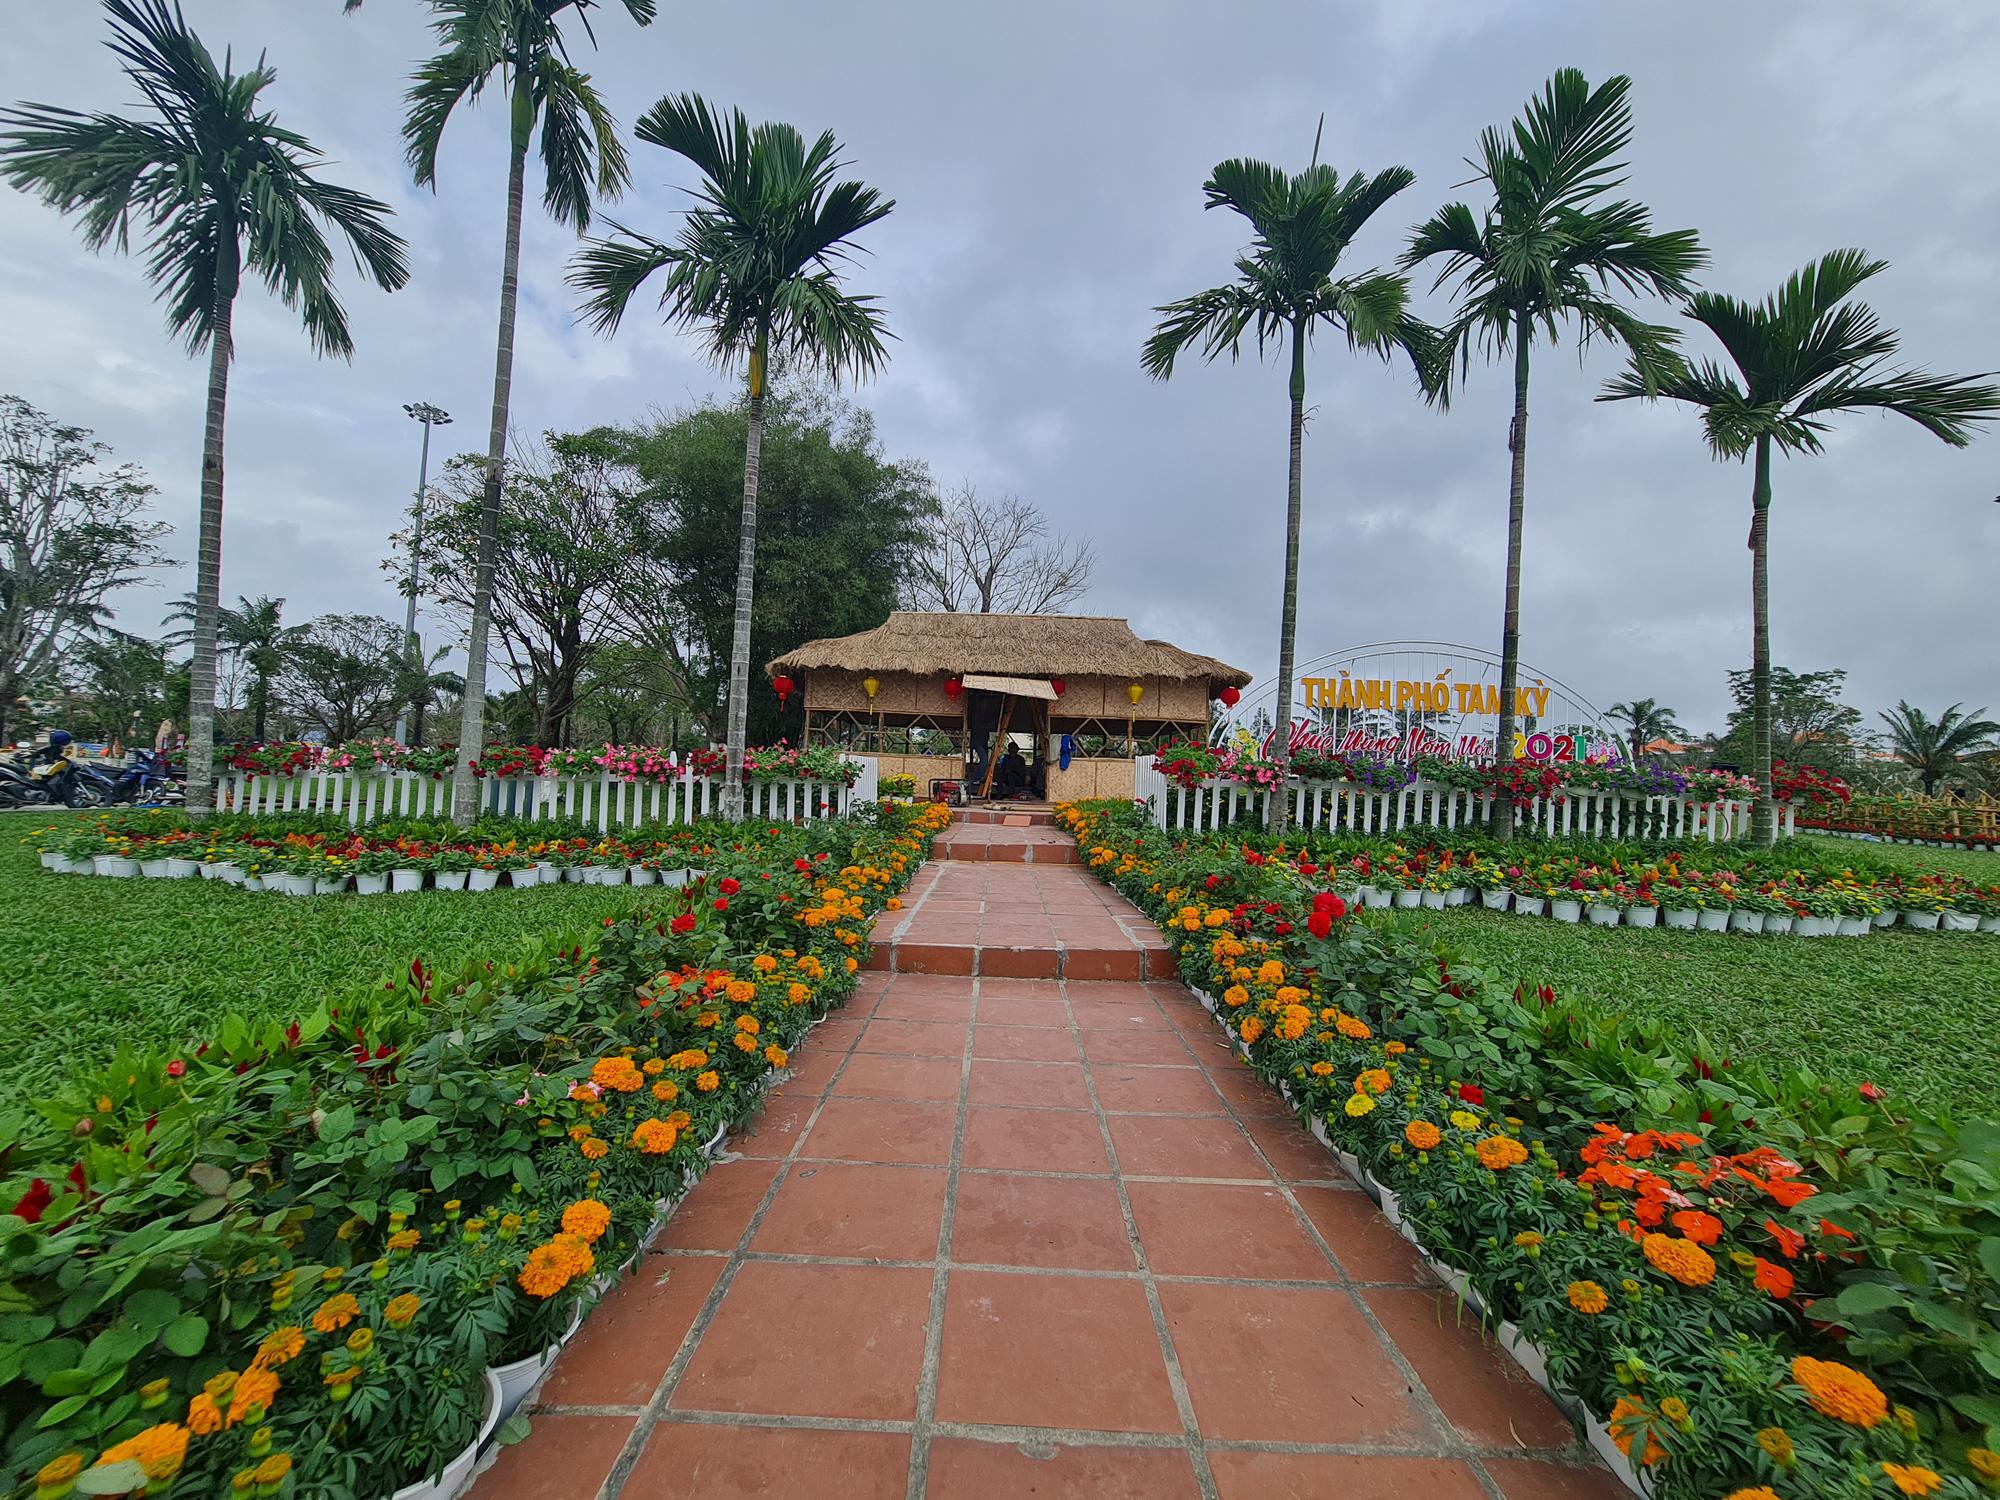 Quảng trường lớn nhất tỉnh Quảng Nam được trang trí bằng đồ nhà nông và hàng chục loại hoa sắc sảo - Ảnh 10.